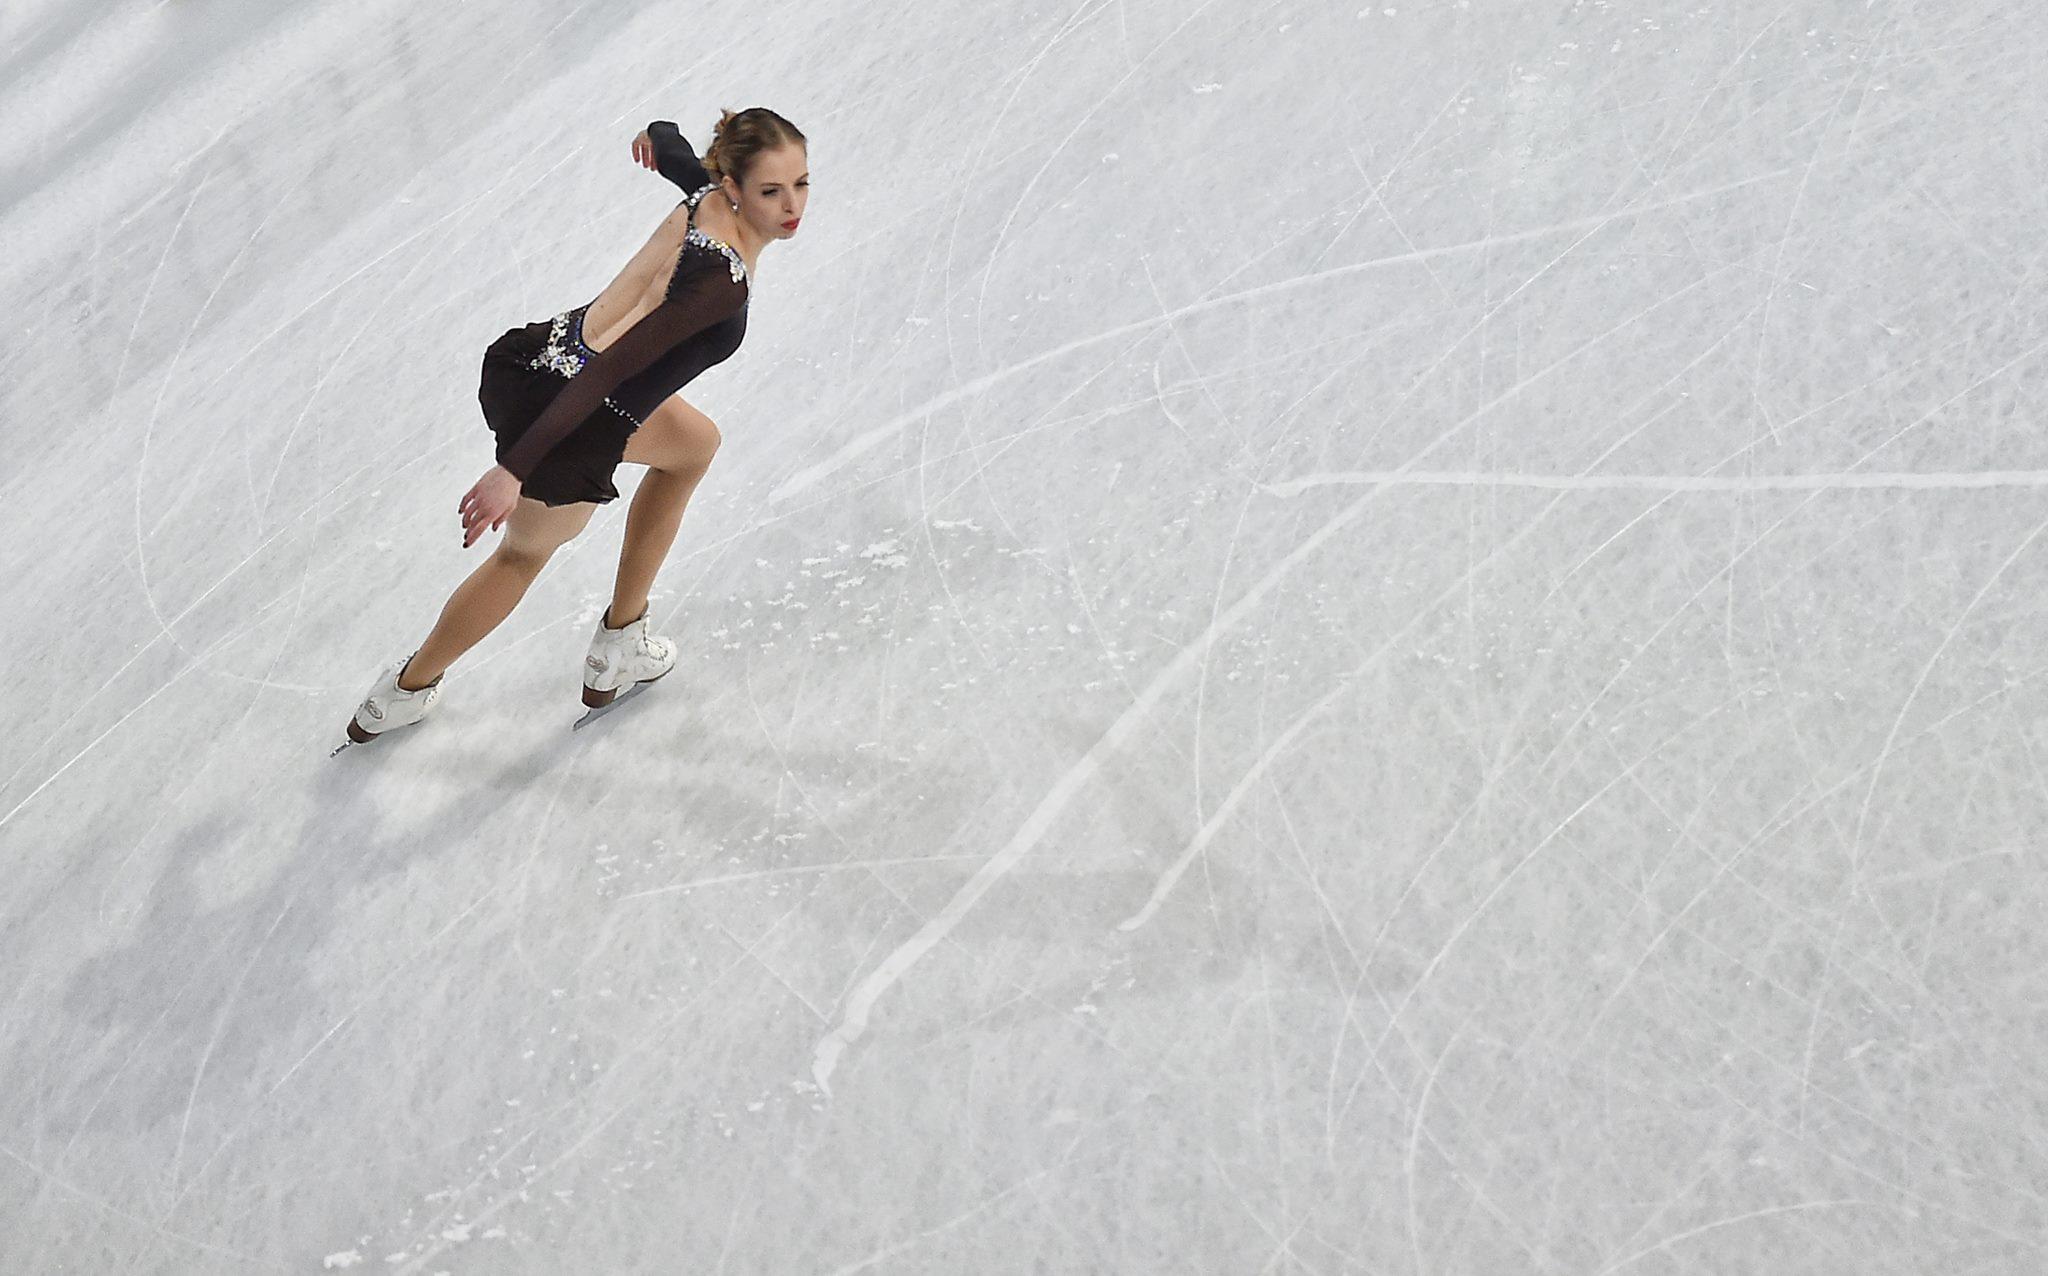 Giochi invernali, partenza falsa degli azzurri nello sci